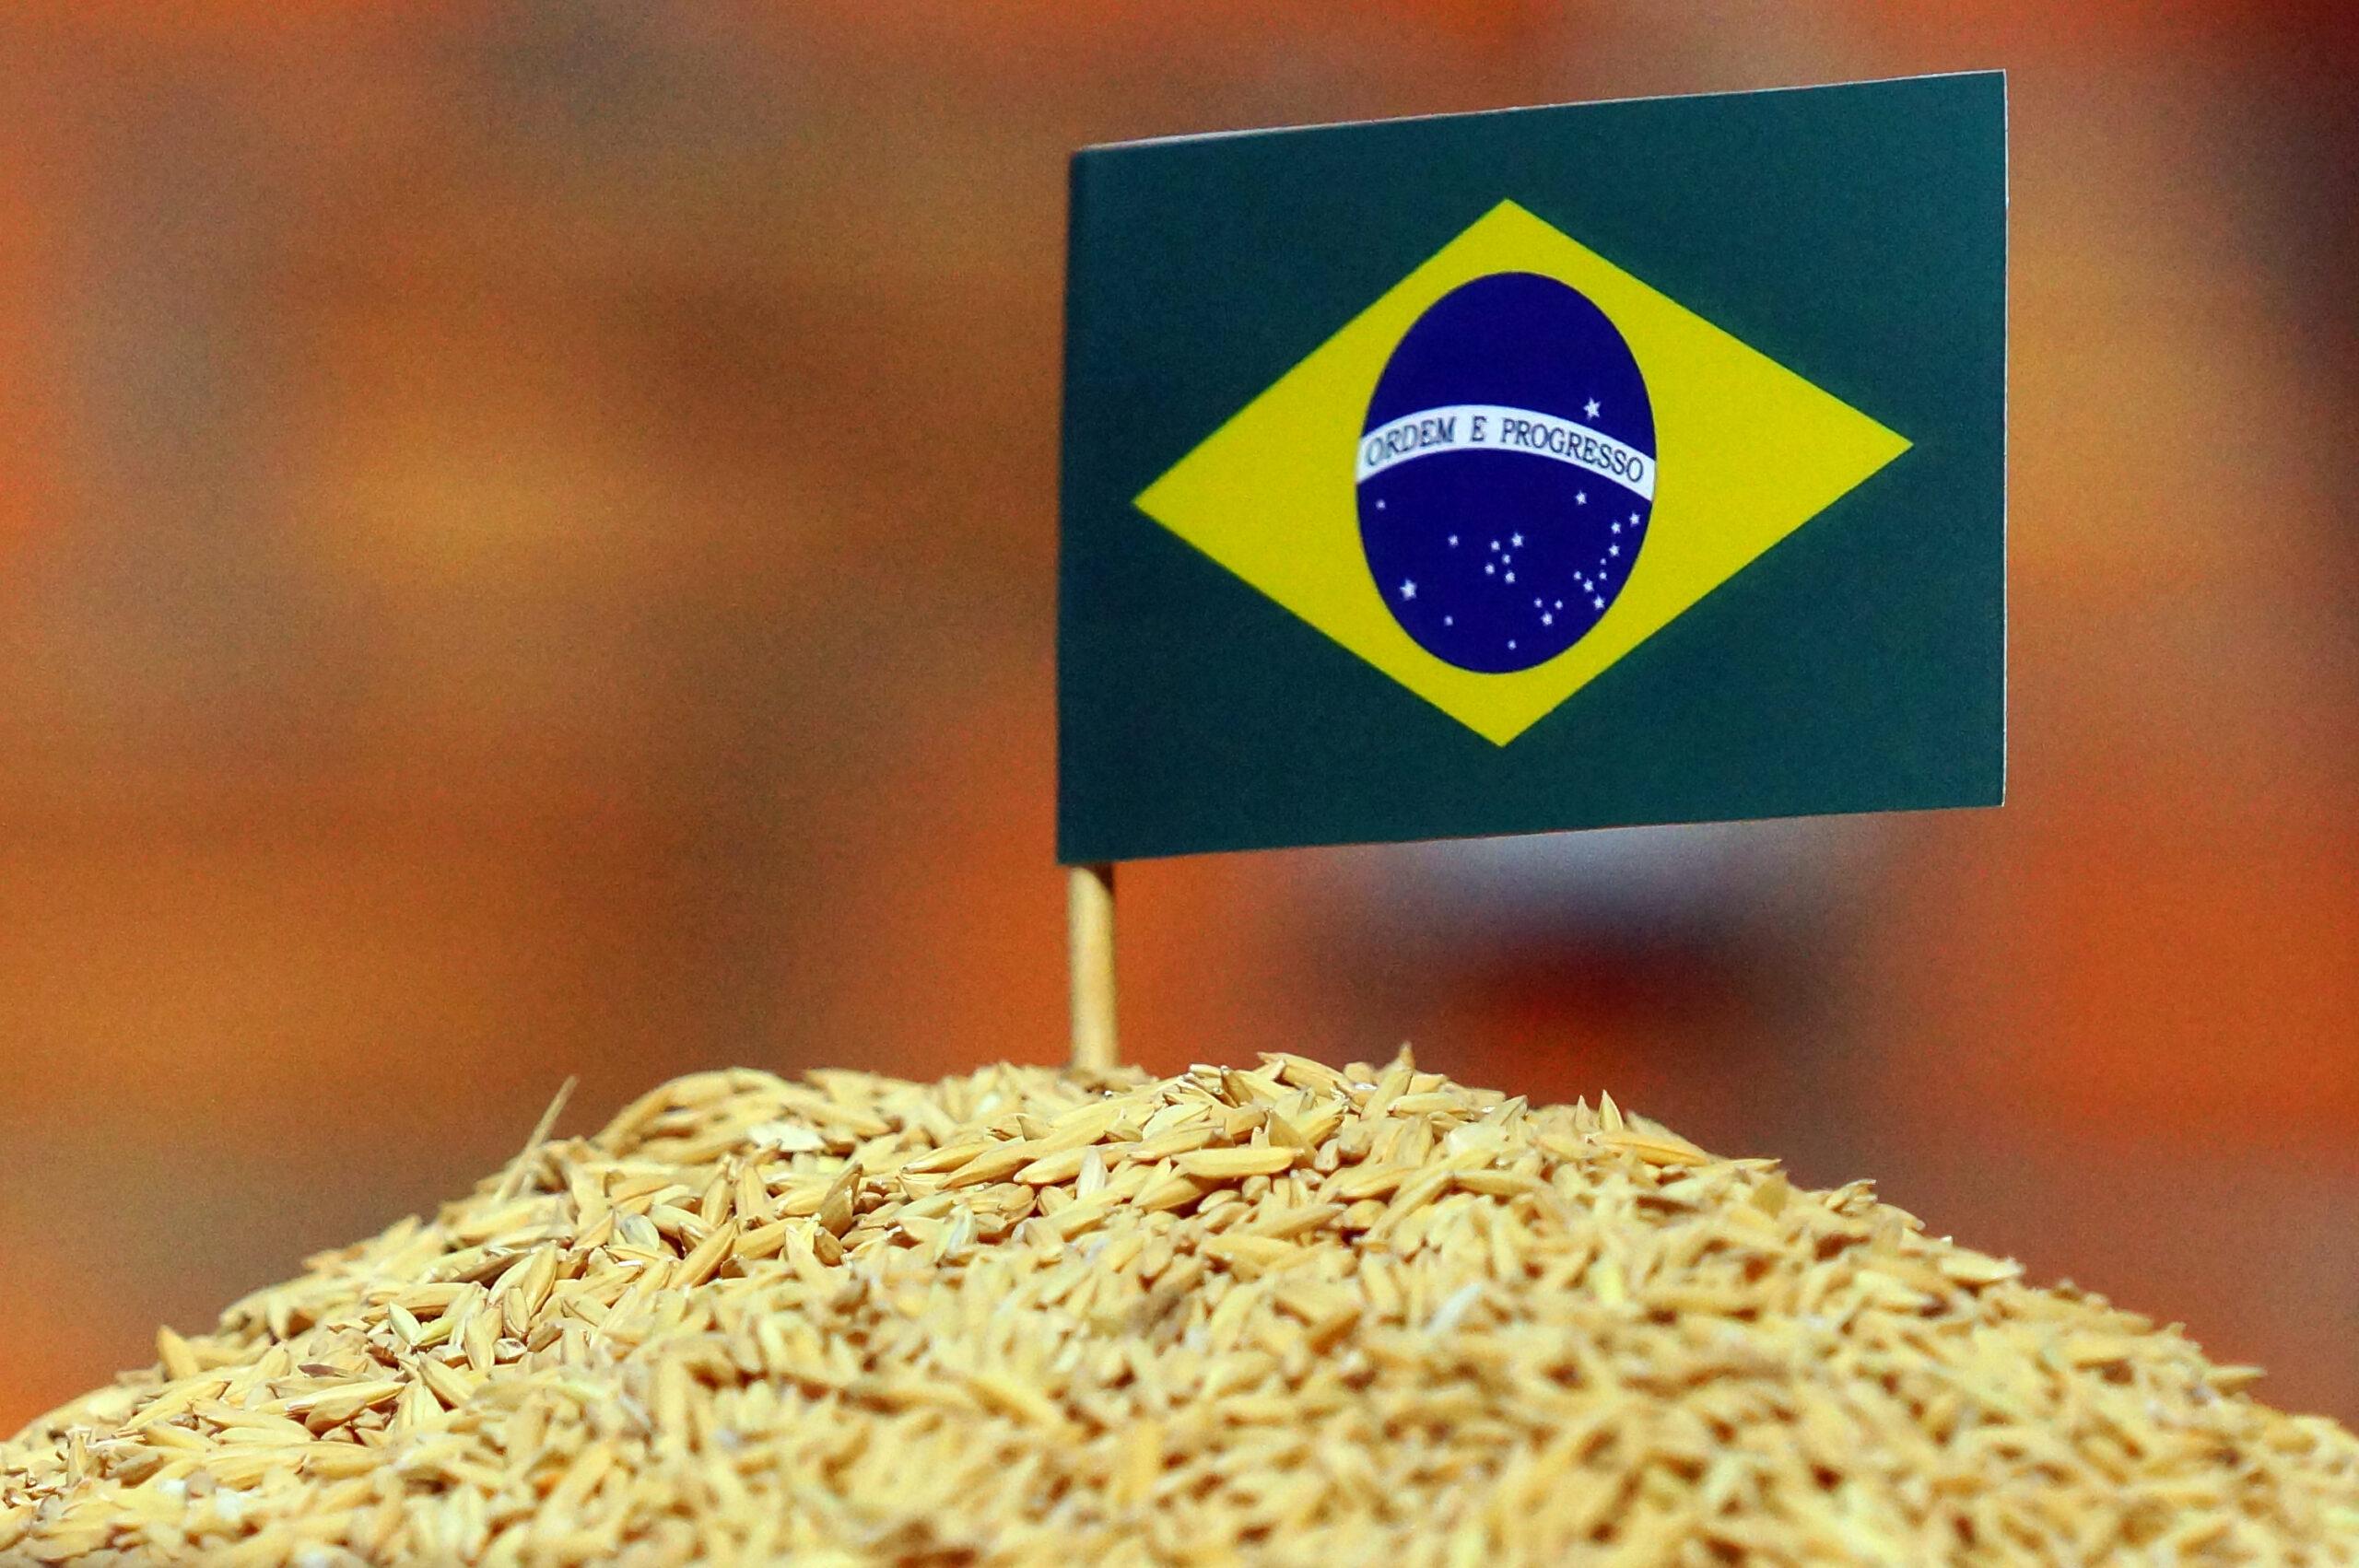 Arroz brasileiro: em busca de um piso referencial. FOTO: MARCUS TATSCH/PLANETA ARROZ